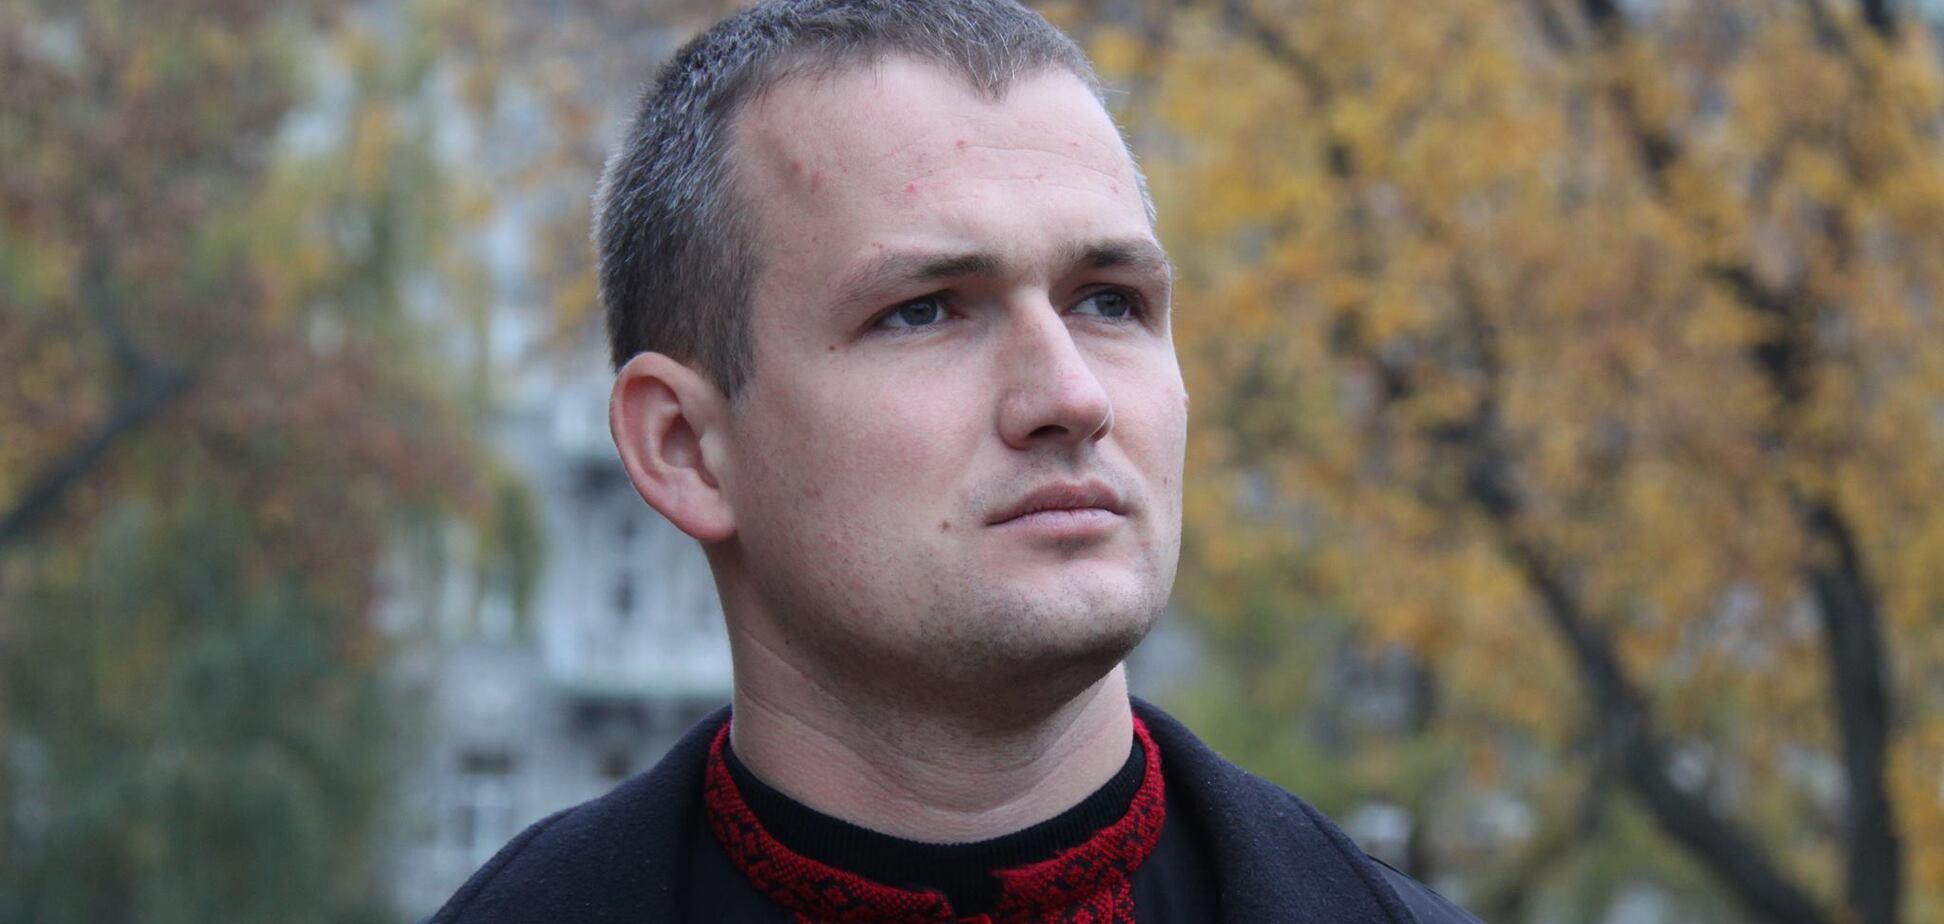 'Патриот из Москвы': журналист рассказал о 'российской биографии' 'свободовца' Левченко